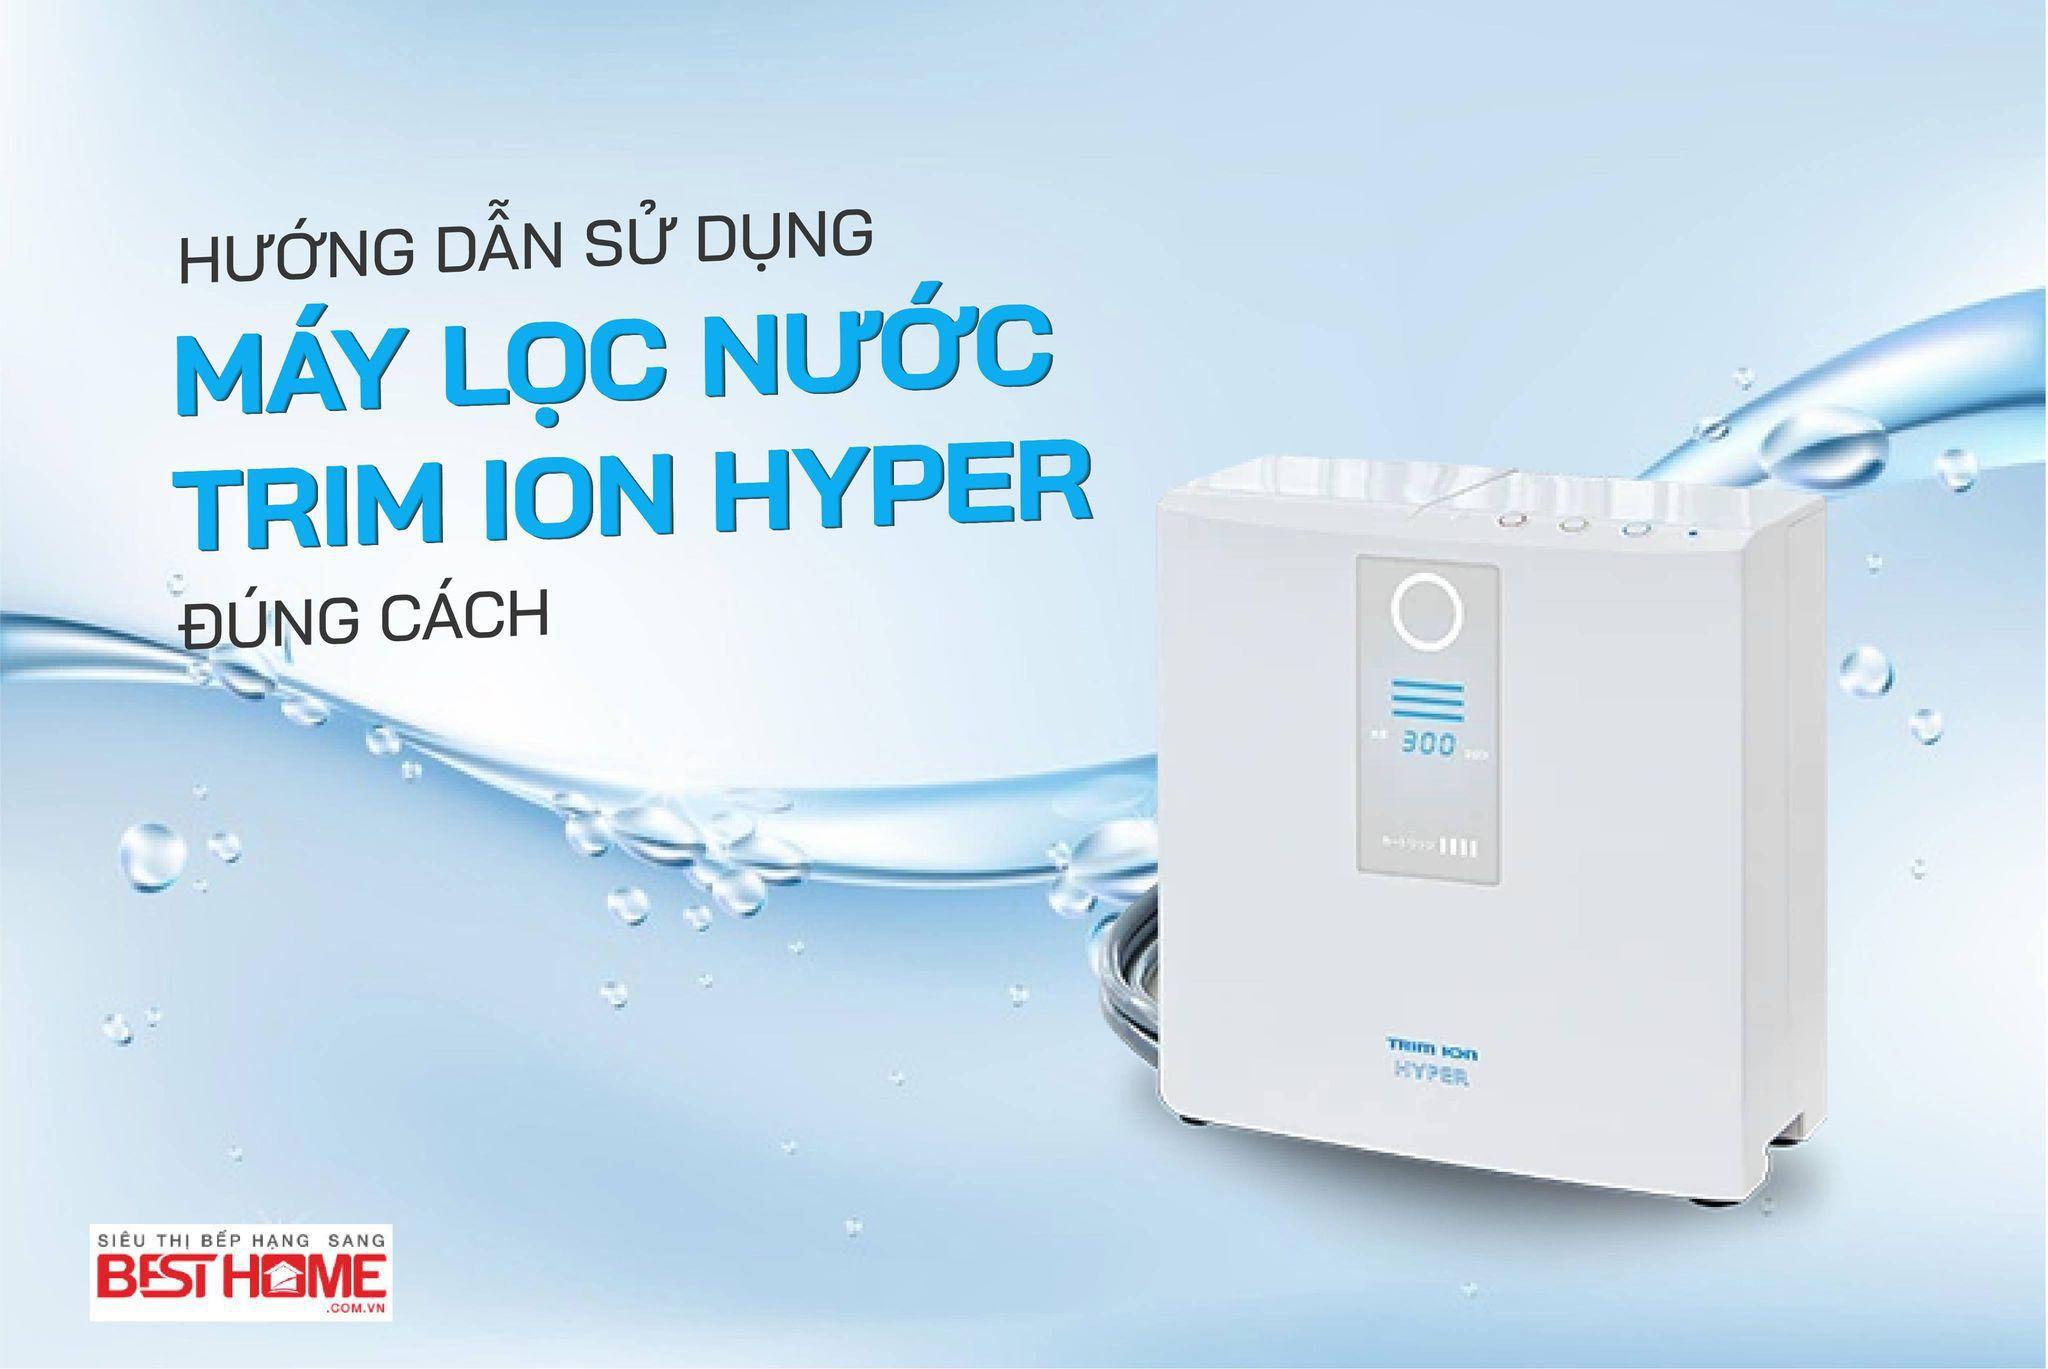 Hướng dẫn sử dụng máy lọc nước Trim Ion Hyper đúng cách